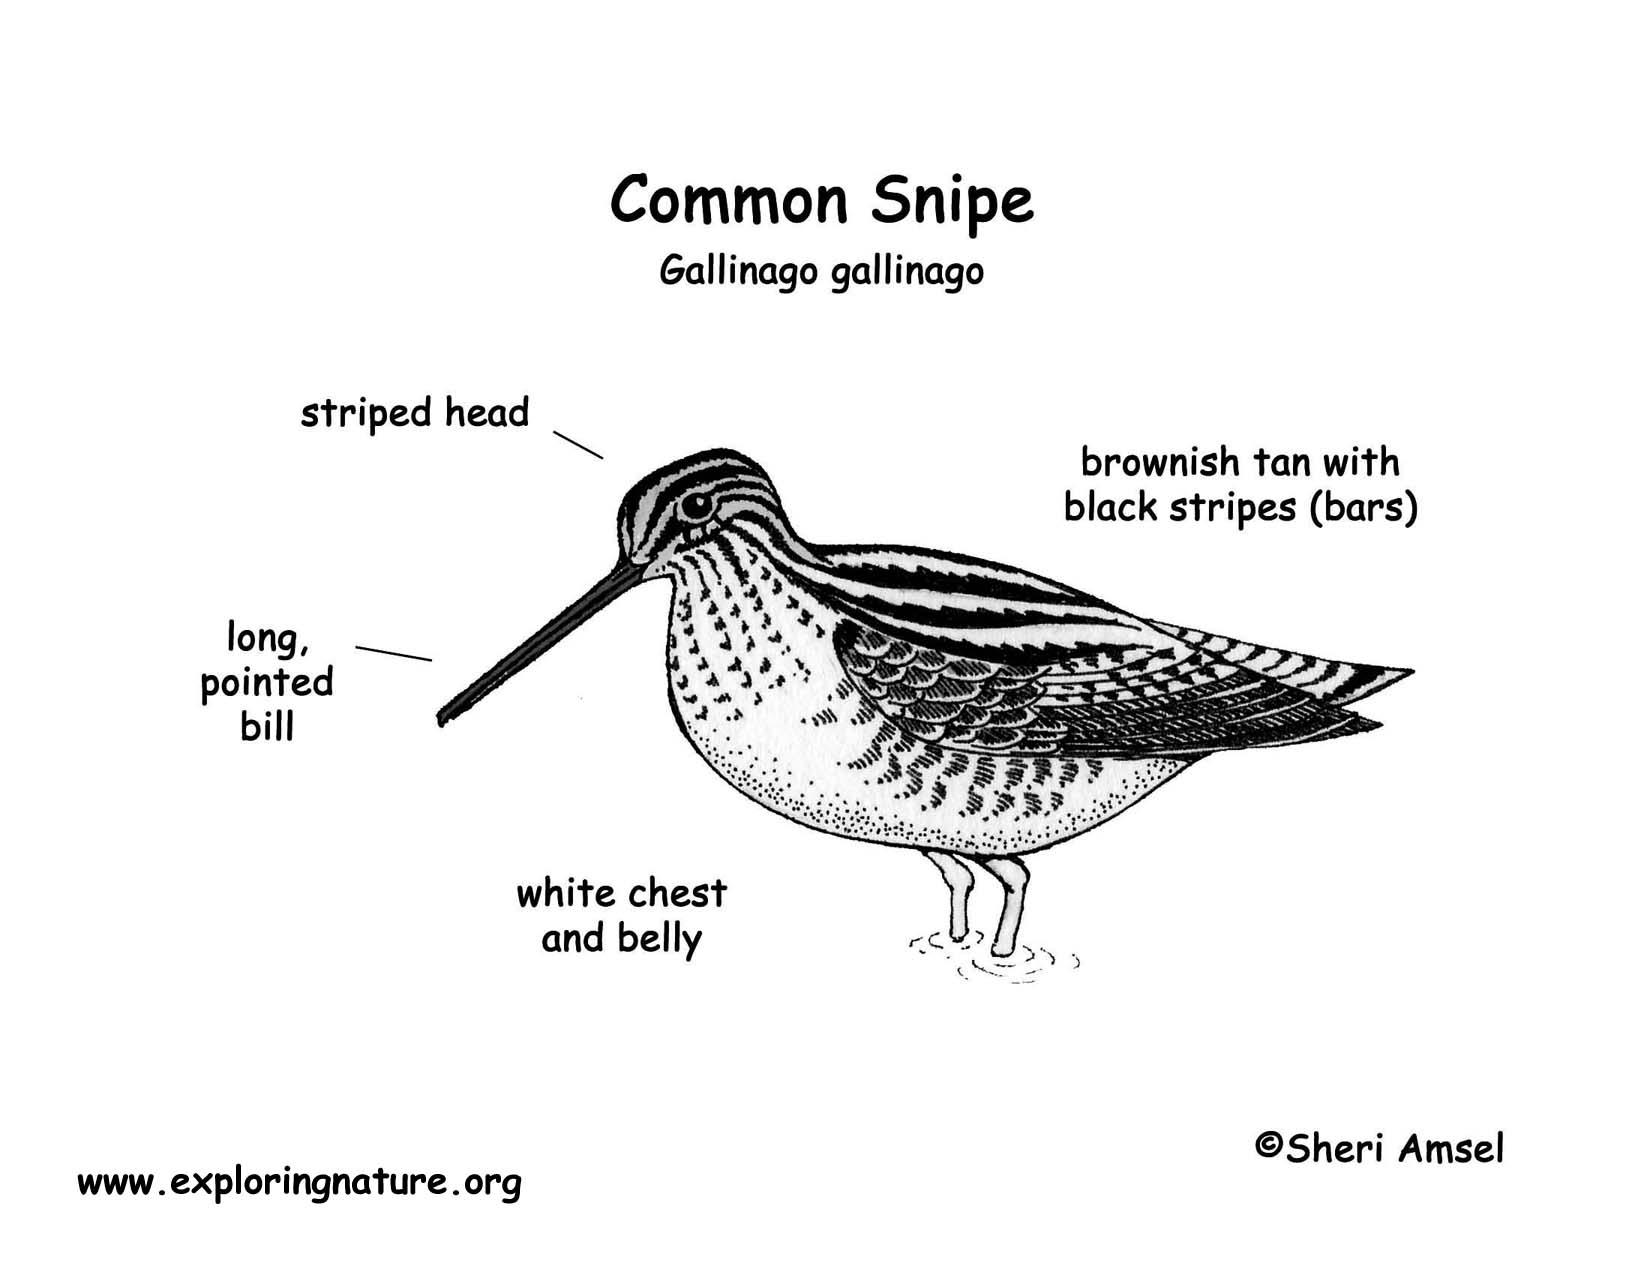 Snipe (Common)